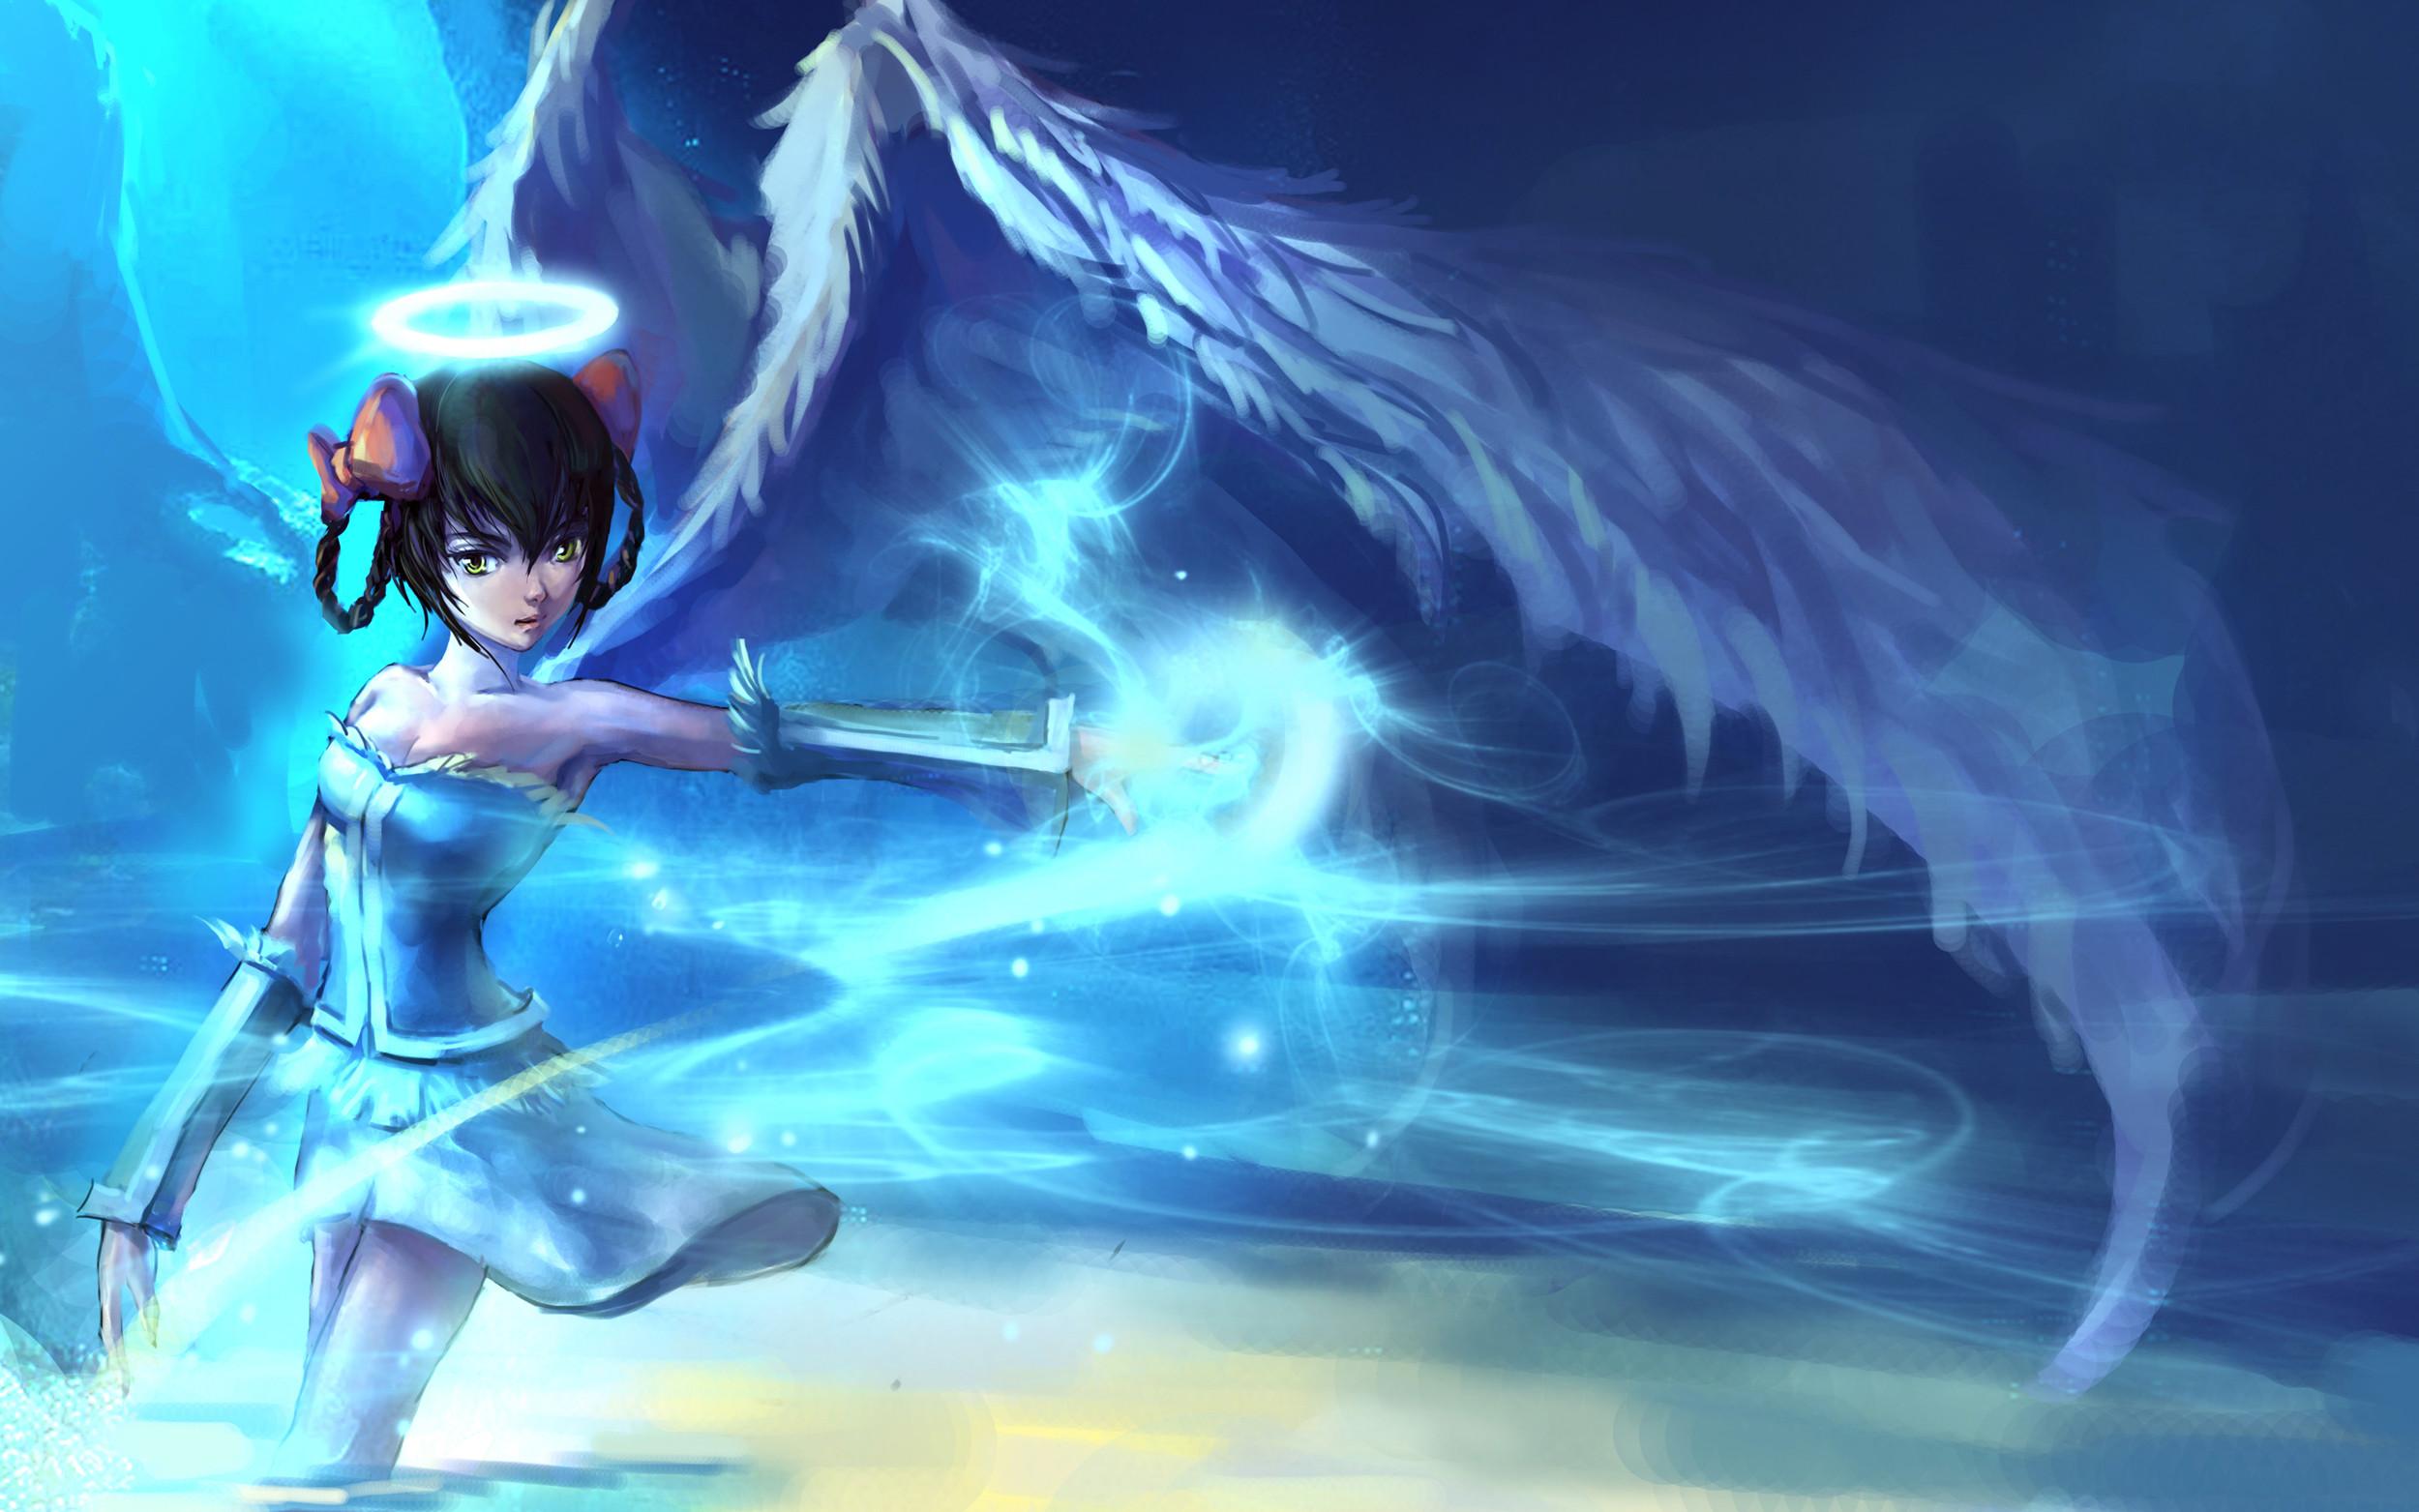 Anime 3d Wallpaper of Angel For Desktop